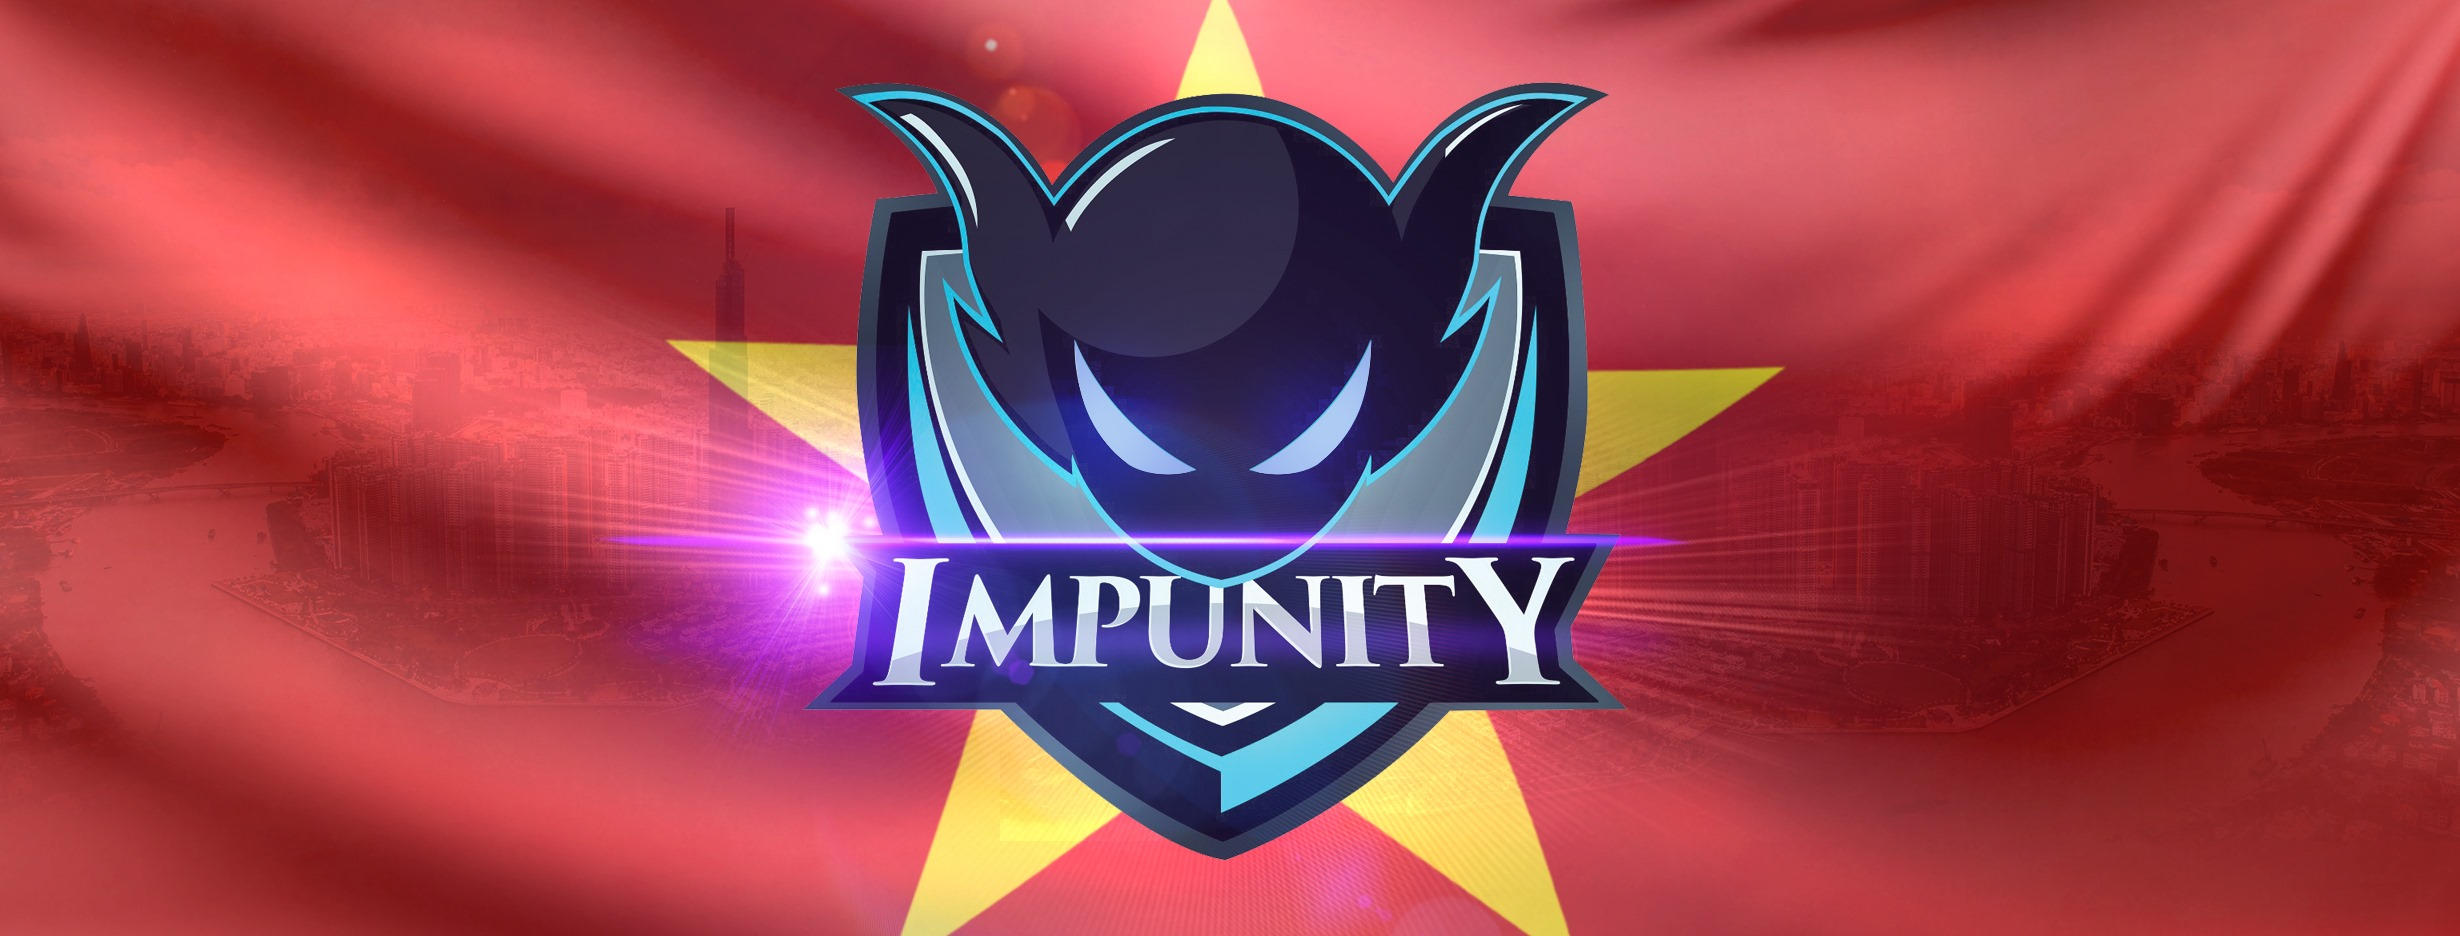 impunity thumb - Cựu thành viên Aces Gaming trở lại khoác áo Impunity trước thềm LA Major